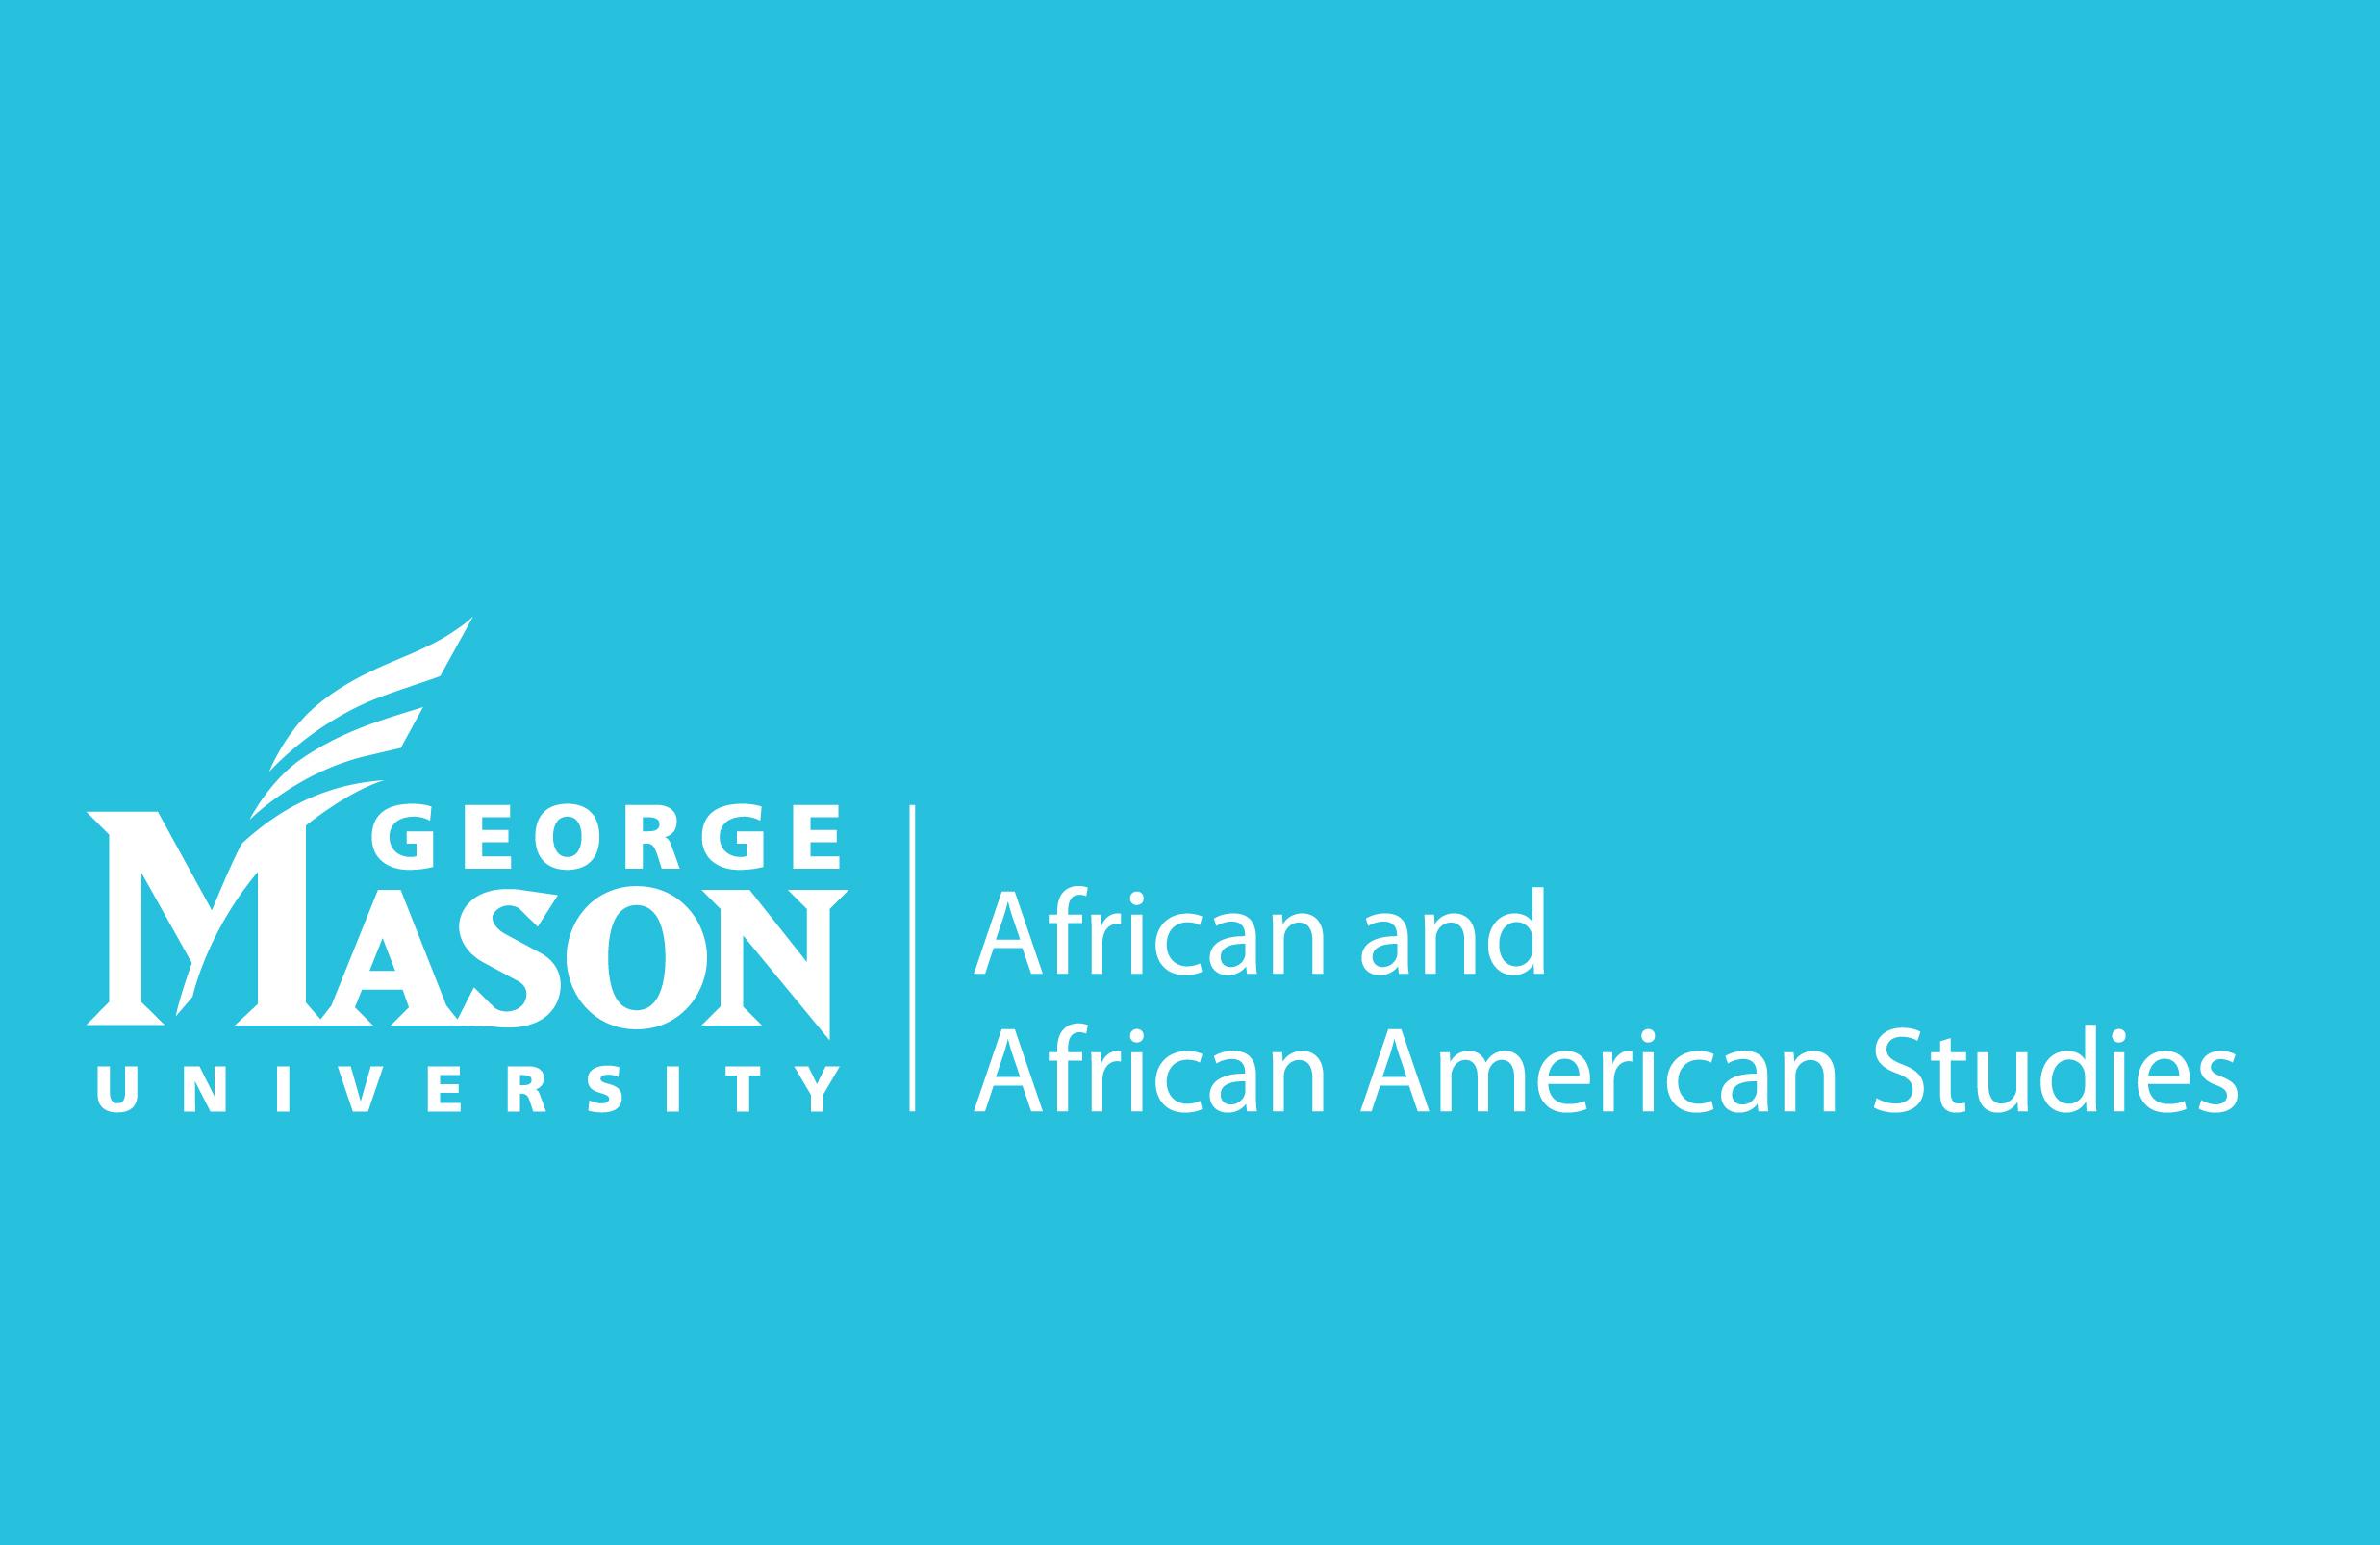 George Mason University Logo At george mason university University Logo Vector